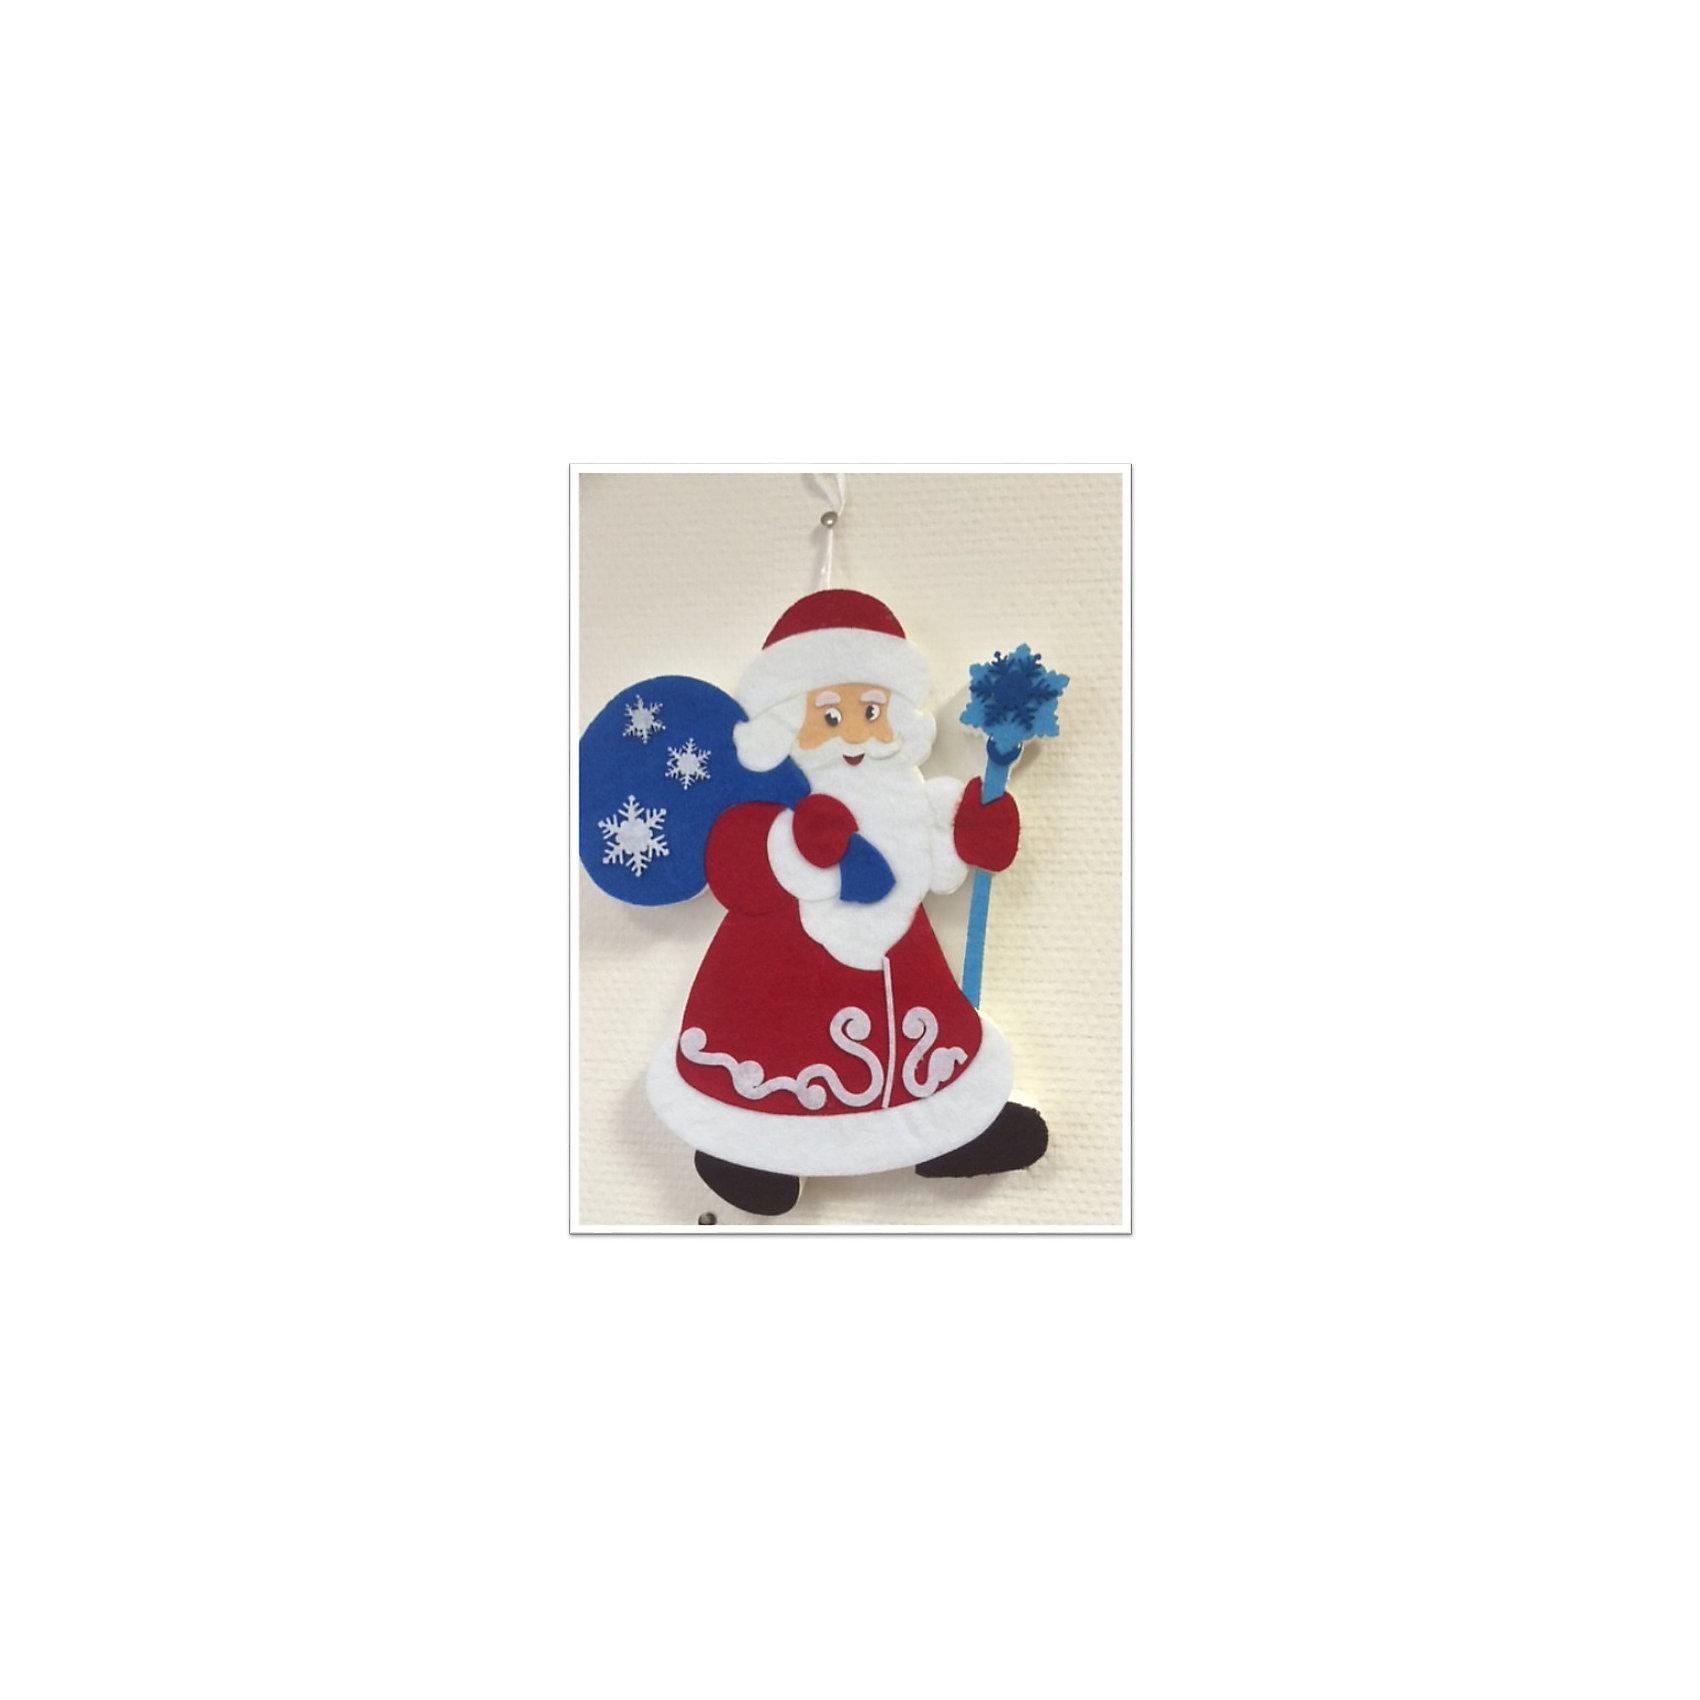 CENTRUM Набор для детского творчества Дед Мороз из фетра, высота 30 см набор для детского творчества набор веселая кондитерская 1 кг